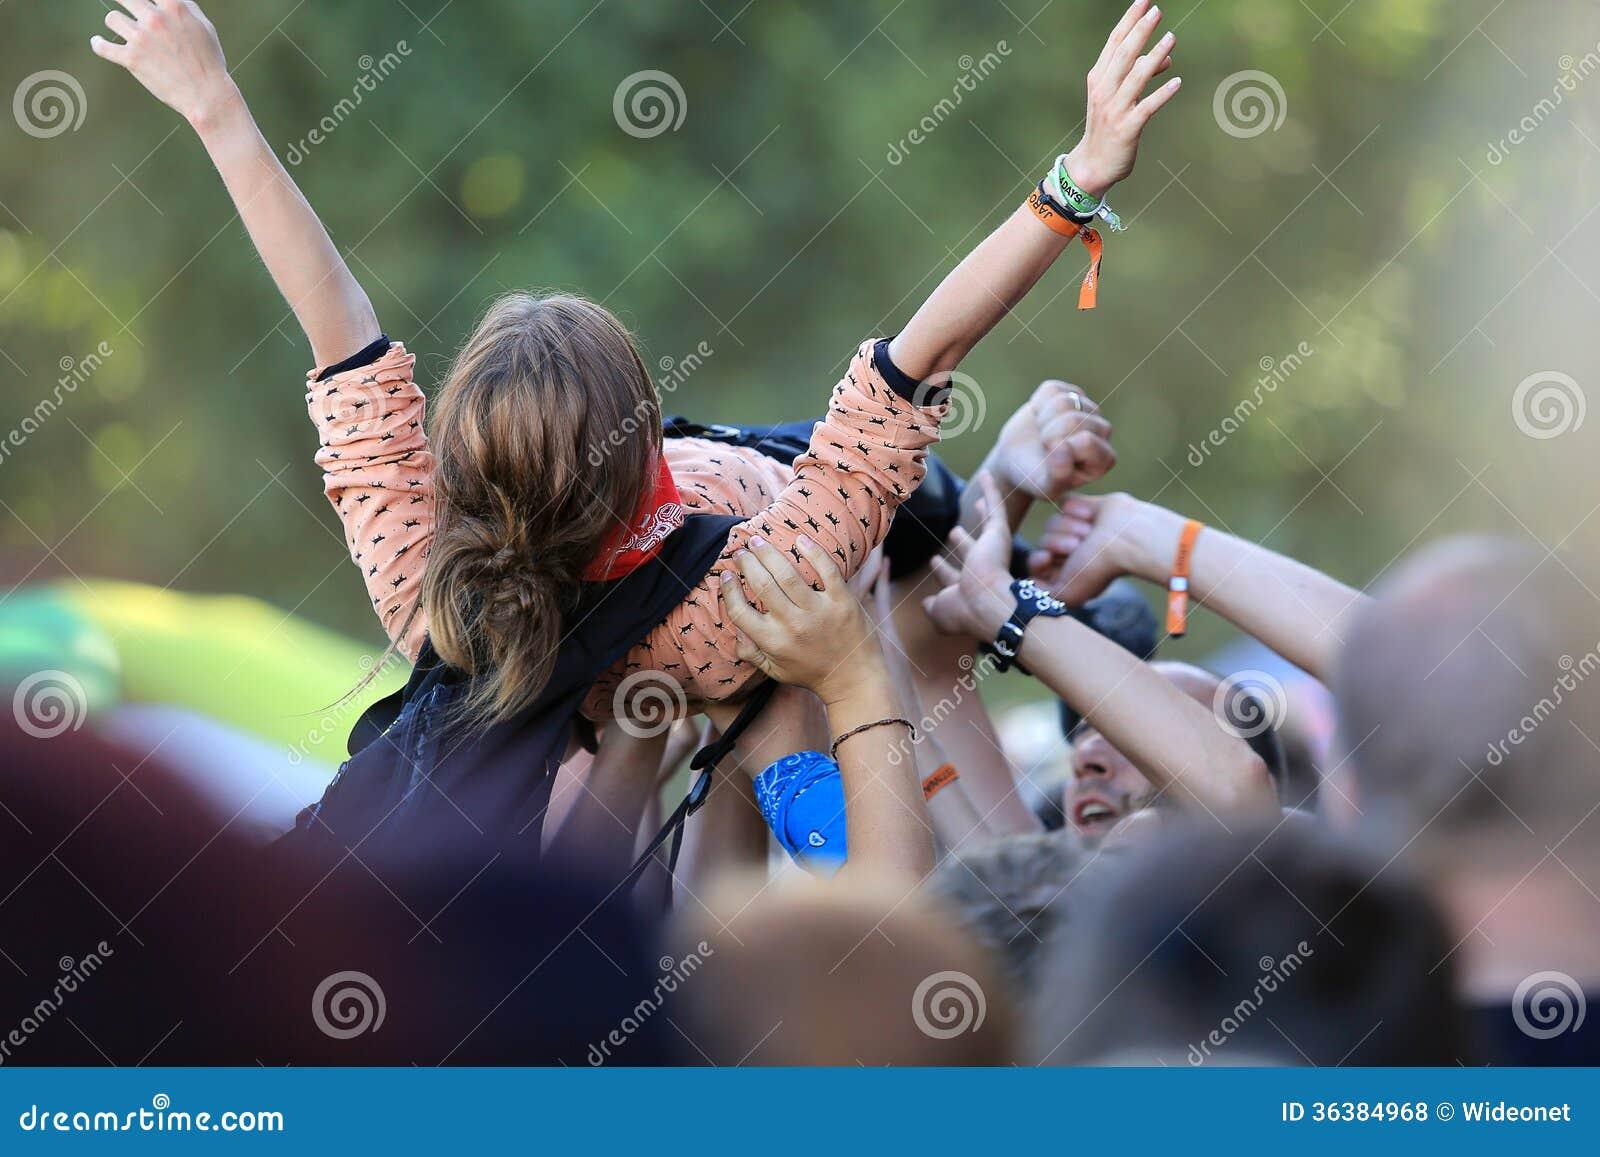 摇滚乐音乐会的女孩